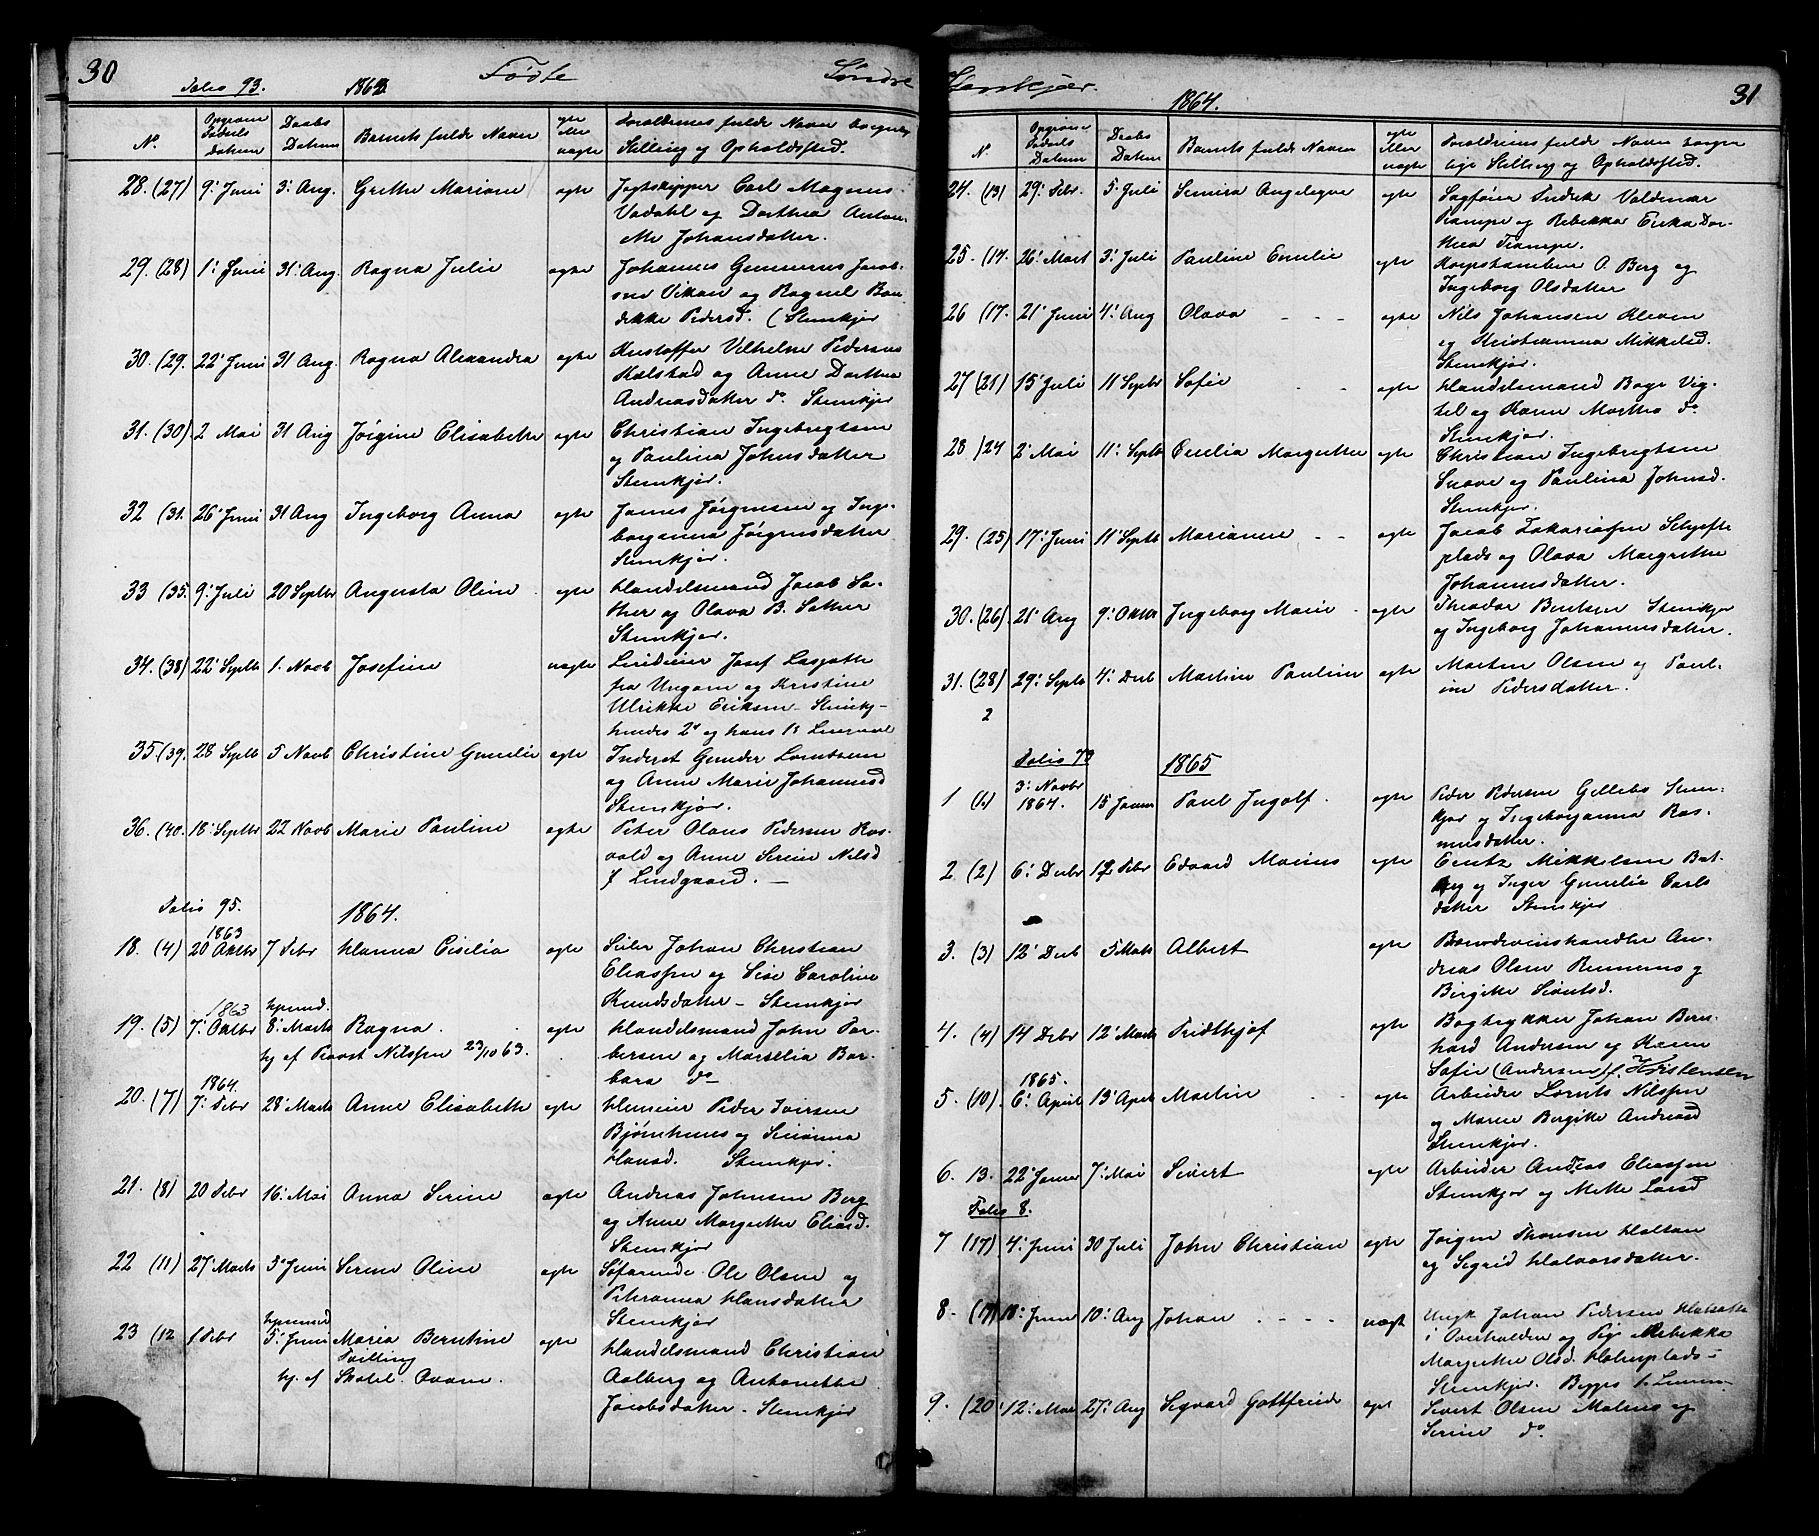 SAT, Ministerialprotokoller, klokkerbøker og fødselsregistre - Nord-Trøndelag, 739/L0367: Ministerialbok nr. 739A01 /1, 1838-1868, s. 30-31